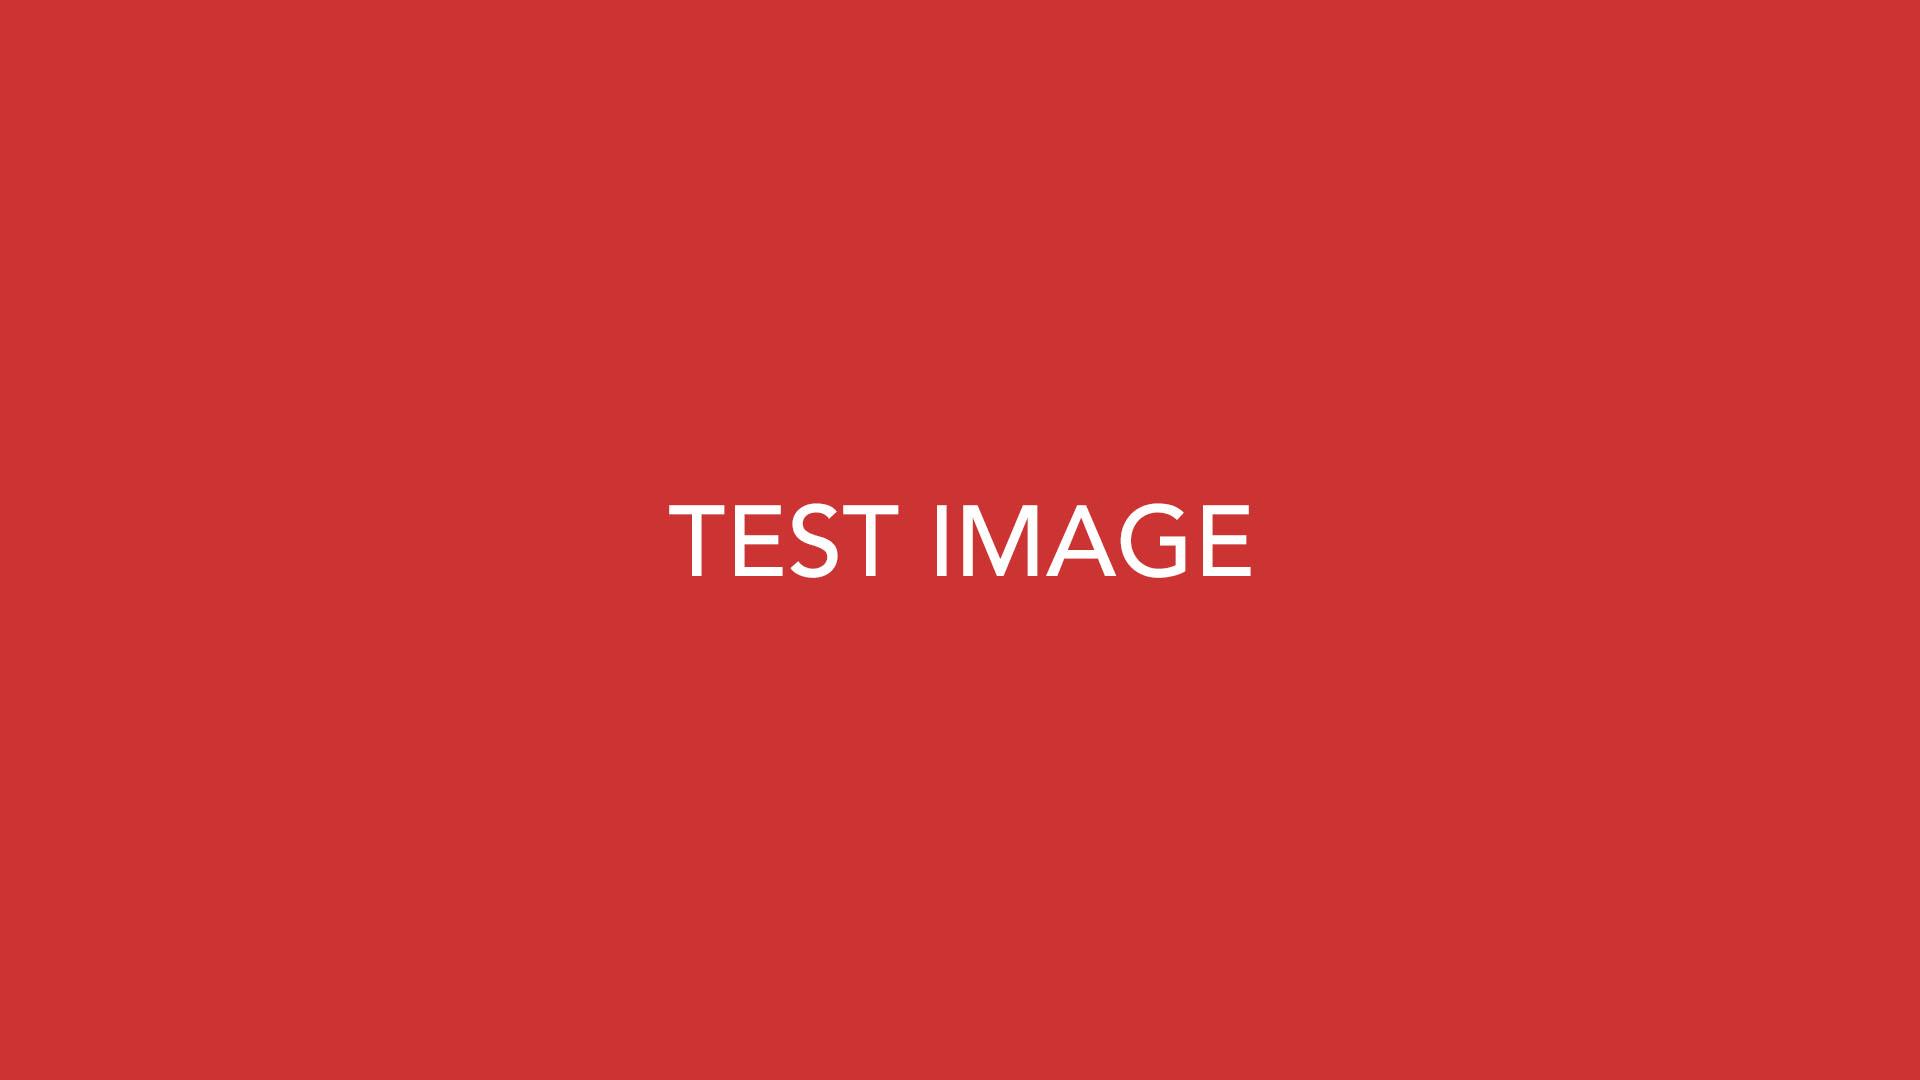 TestImage_04.jpg